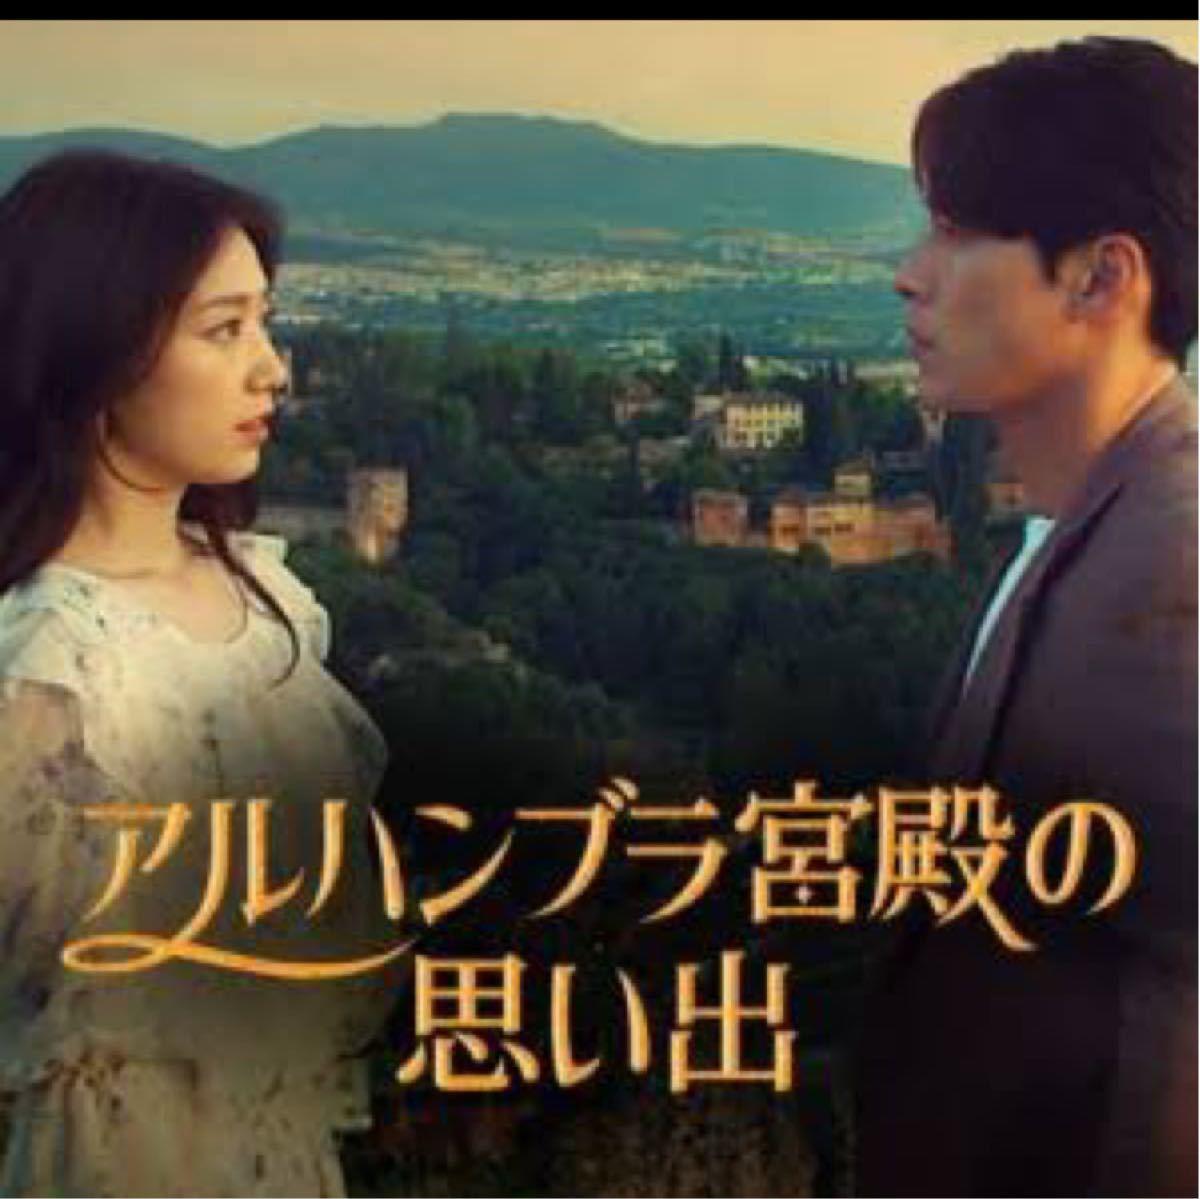 韓国ドラマ アルハンブラ宮殿の思い出 DVD【レーベル印刷あり】